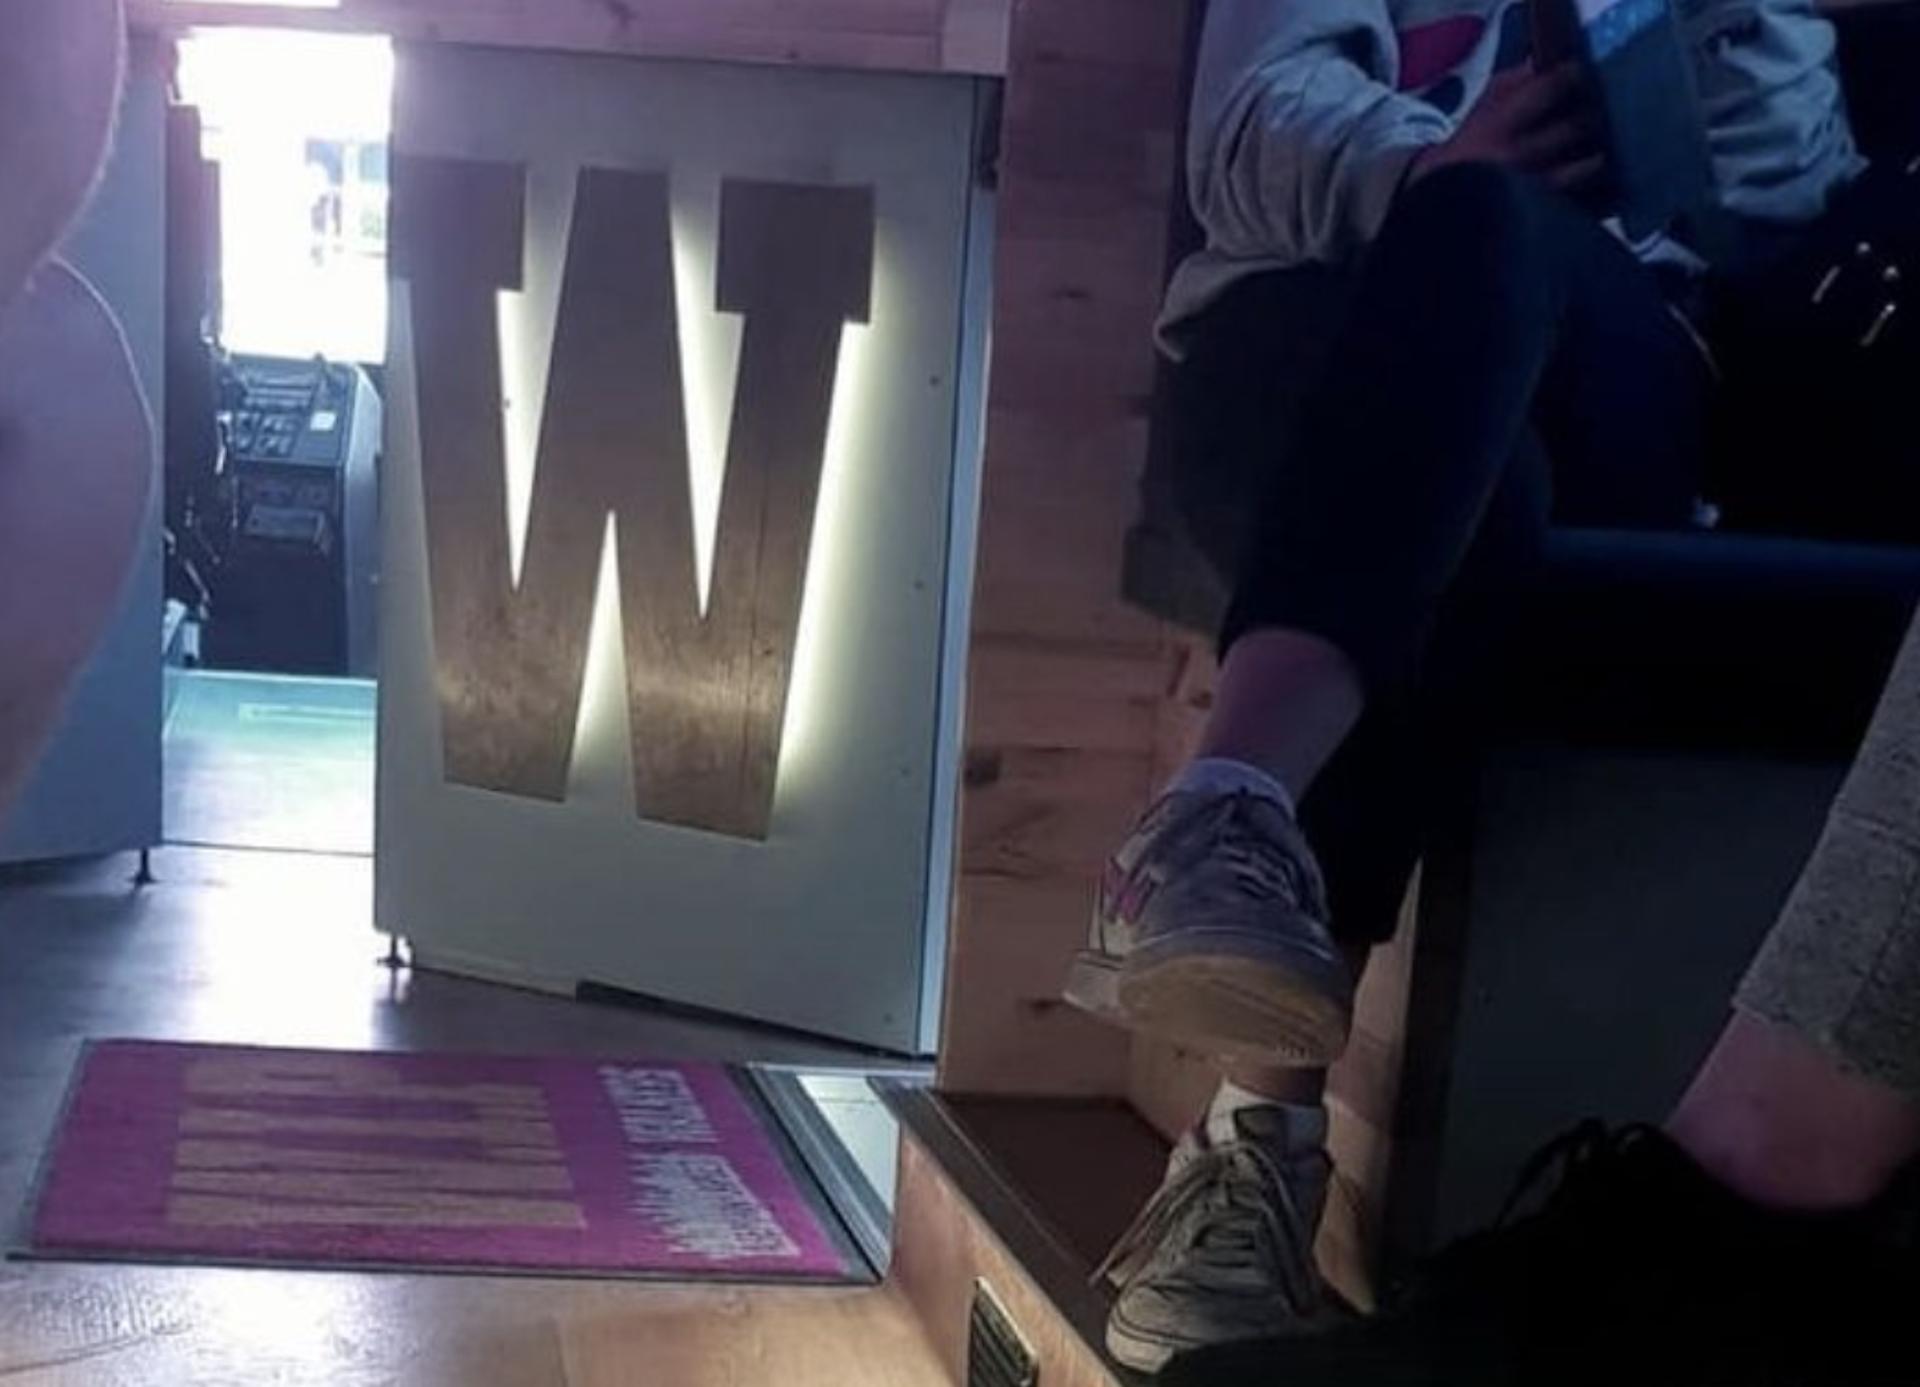 Kuvituskuva Walkers-kohtaamispaikasta. Taustalla Walkers-logo ja punainen wip-matto sisäänkäynnin edessä. Etualalla nuorten jalkoja.